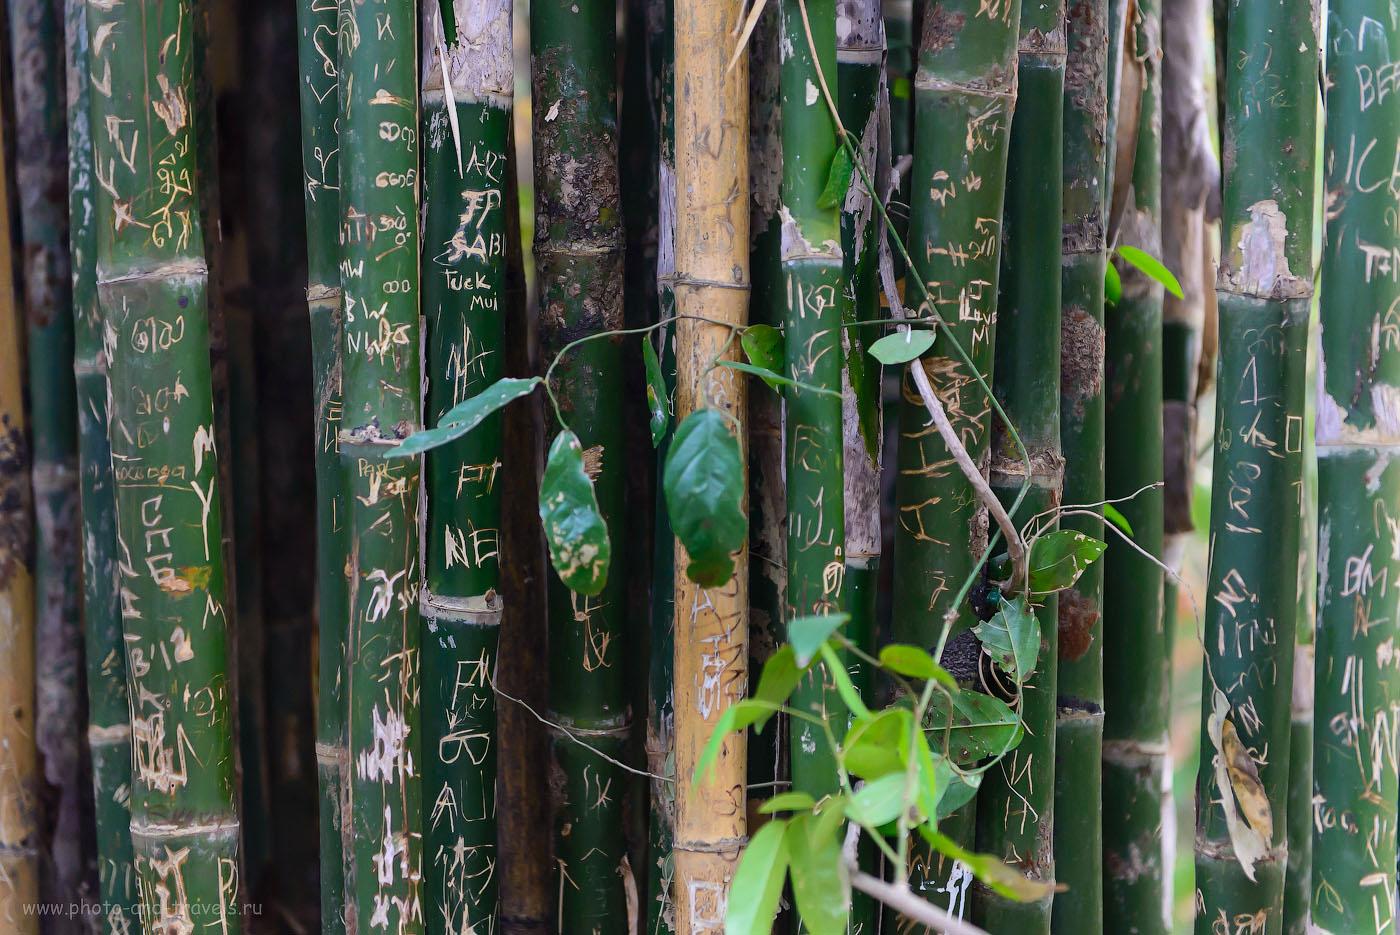 Фото 7. Отдых в Таиланде. В национальный парк Эраван и на реку Квай возят на экскурсии из Паттайи. Я бы рекомендовал поехать сюда самостоятельно. Без комментариев (2500, 70, 2.8, 1/200)